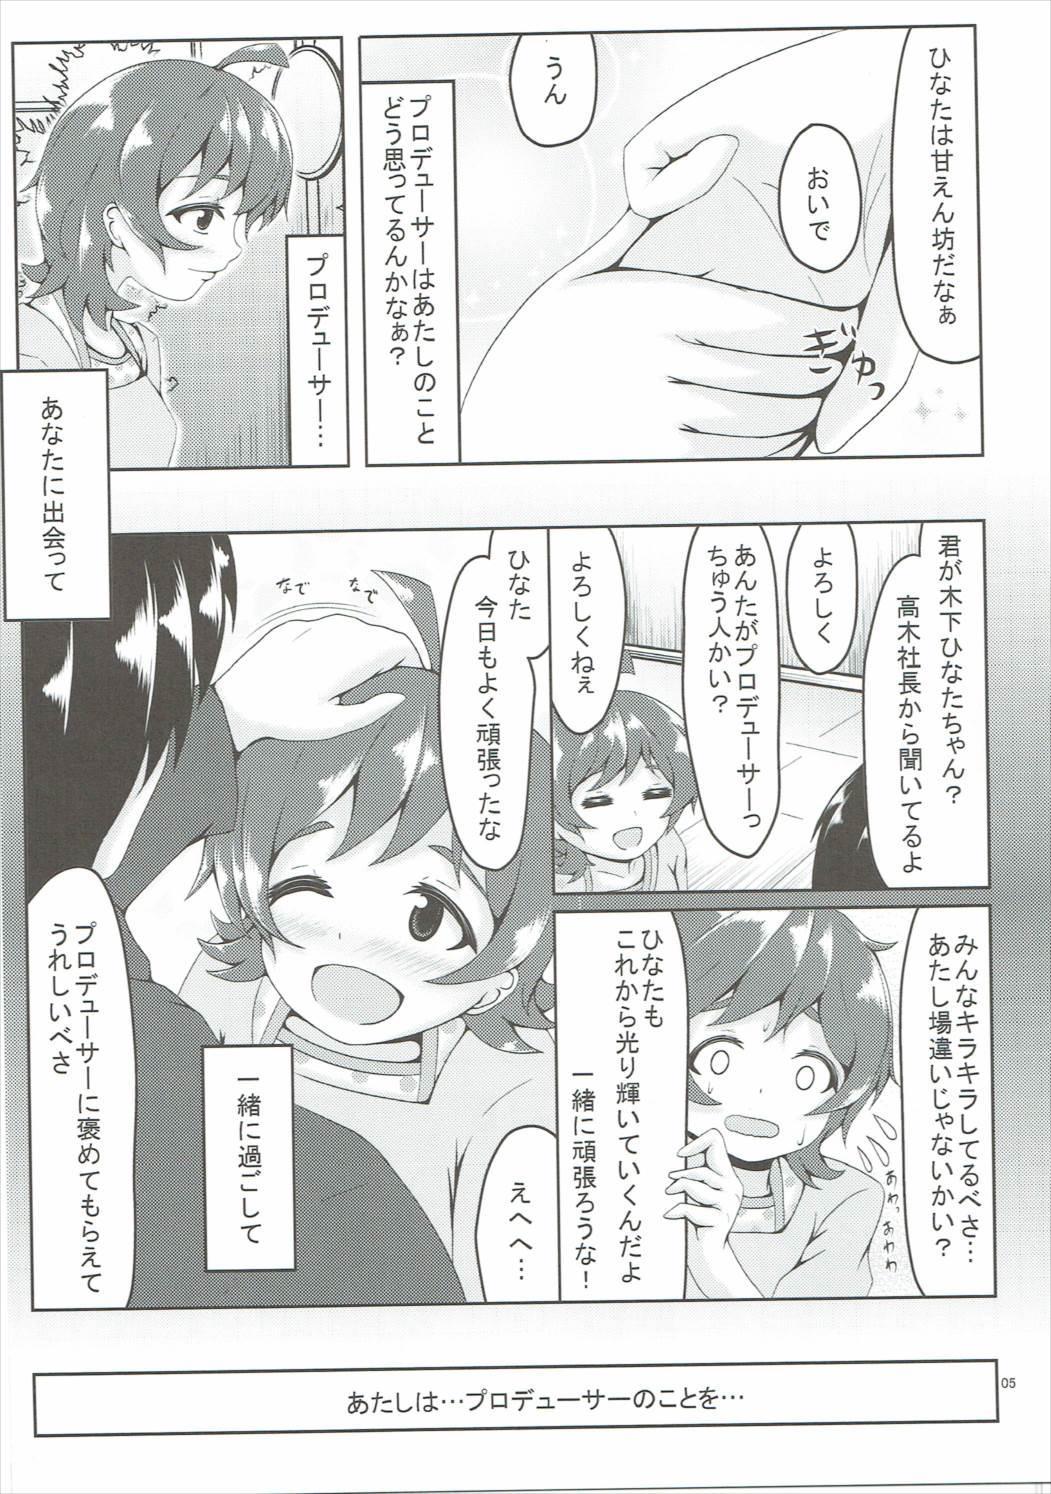 Koi Suru Taiyou no Hana 3